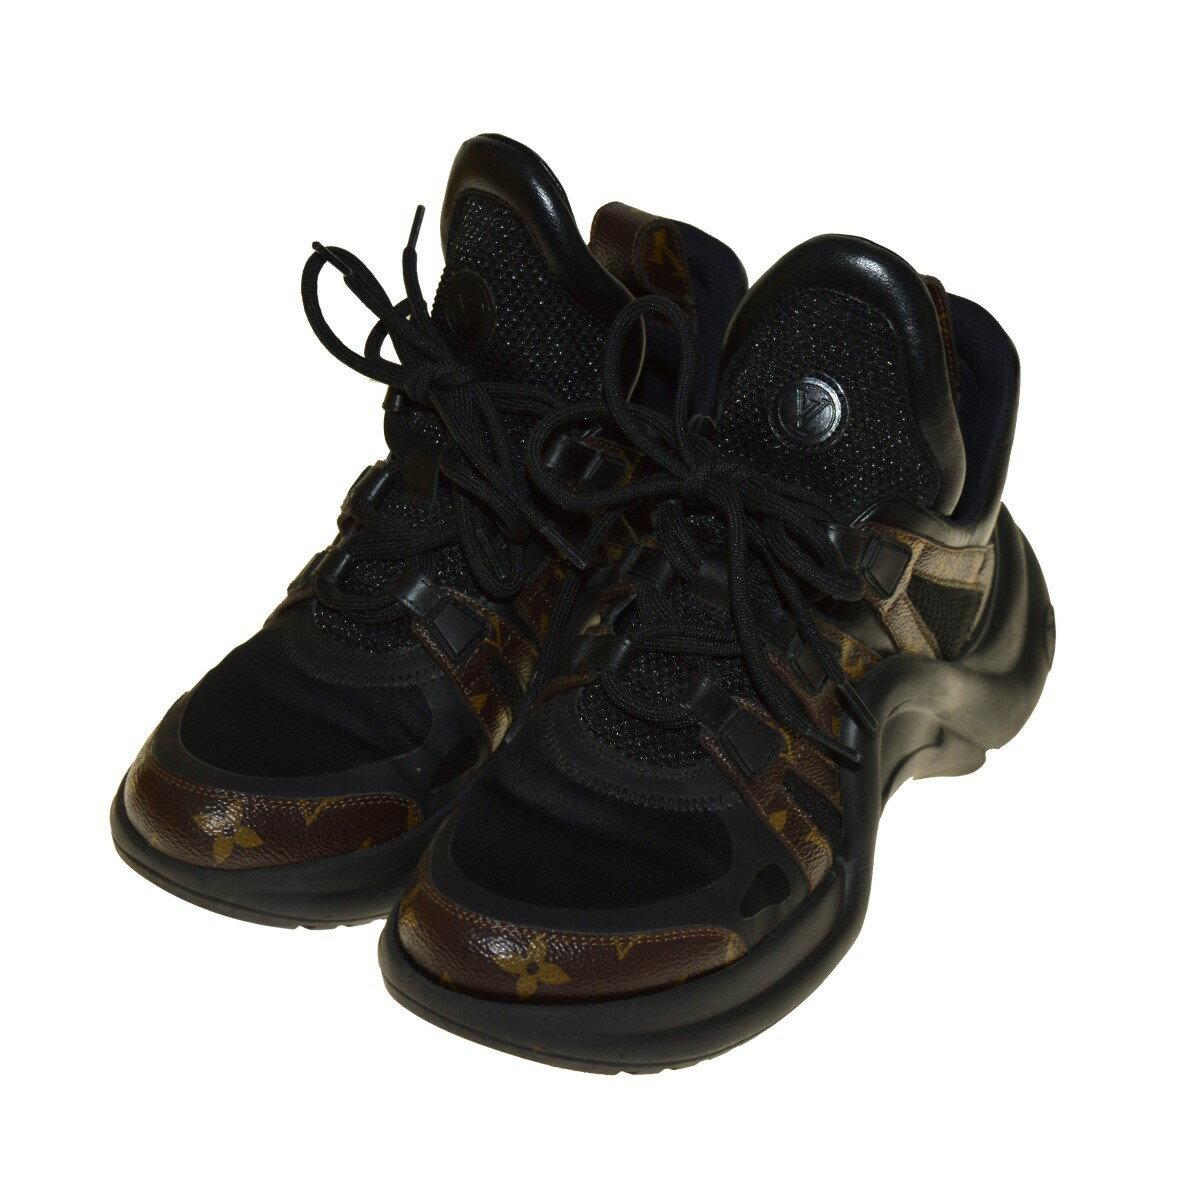 メンズ靴, その他 LOUIS VUITTON 18SS Archlight 39 030721